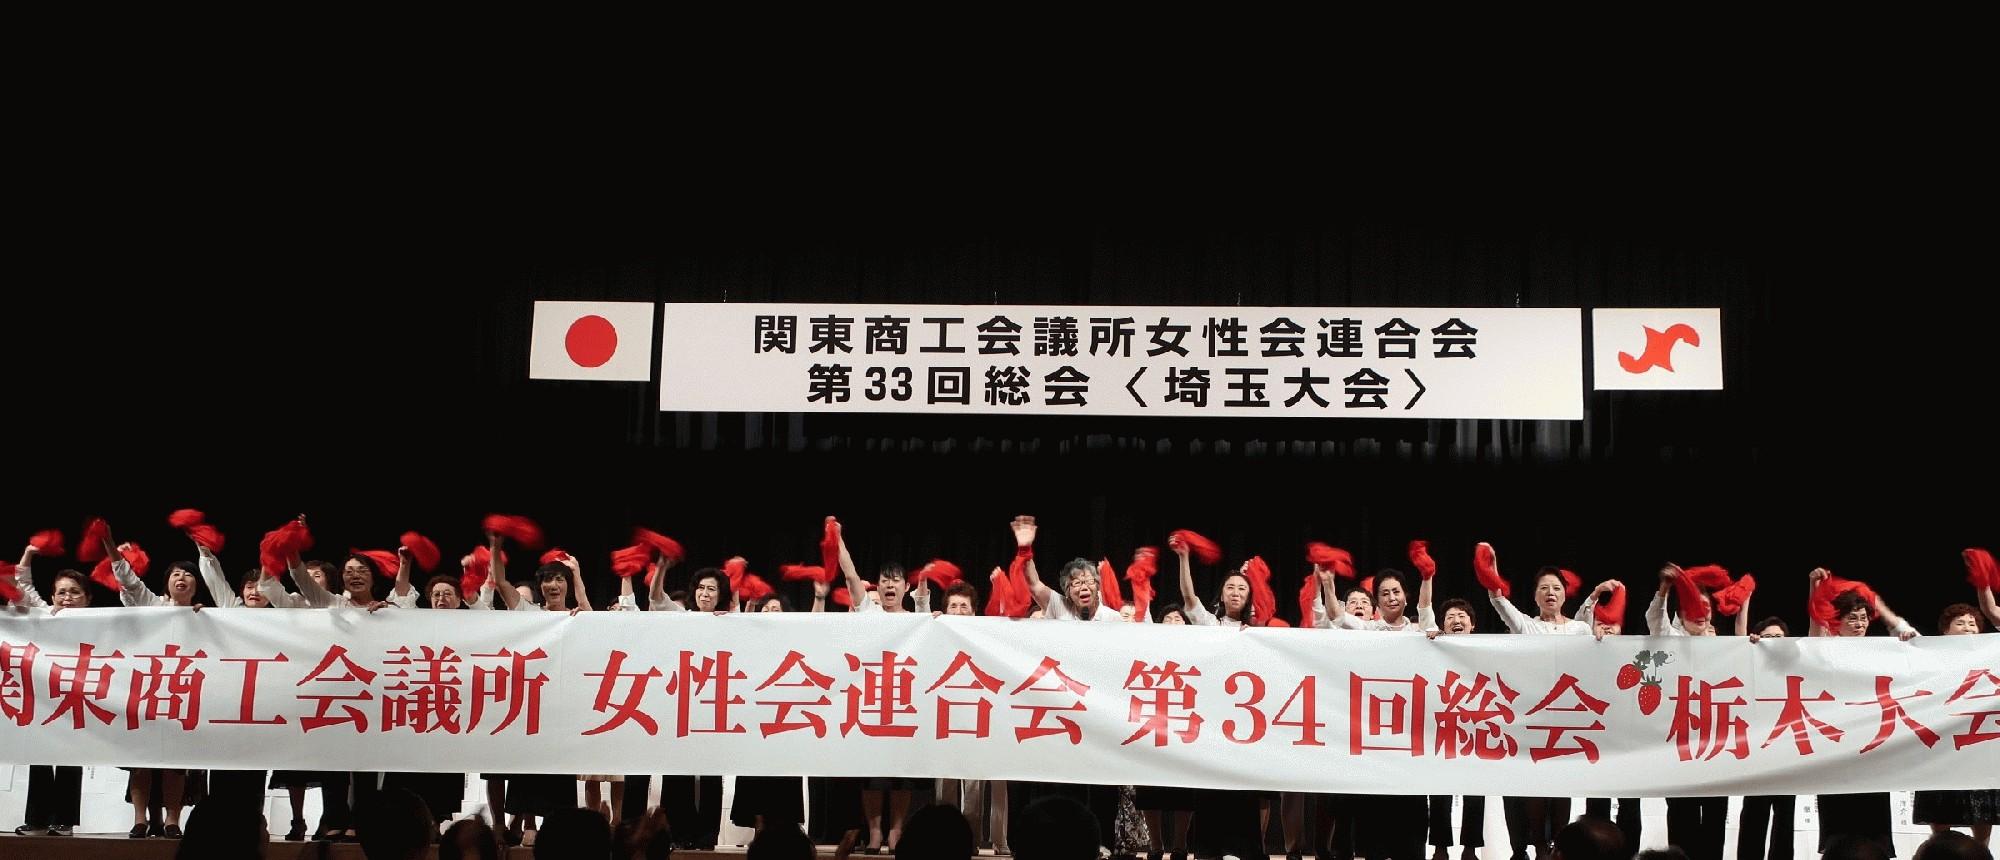 関東商工会議所女性会連合会総会〈埼玉大会〉